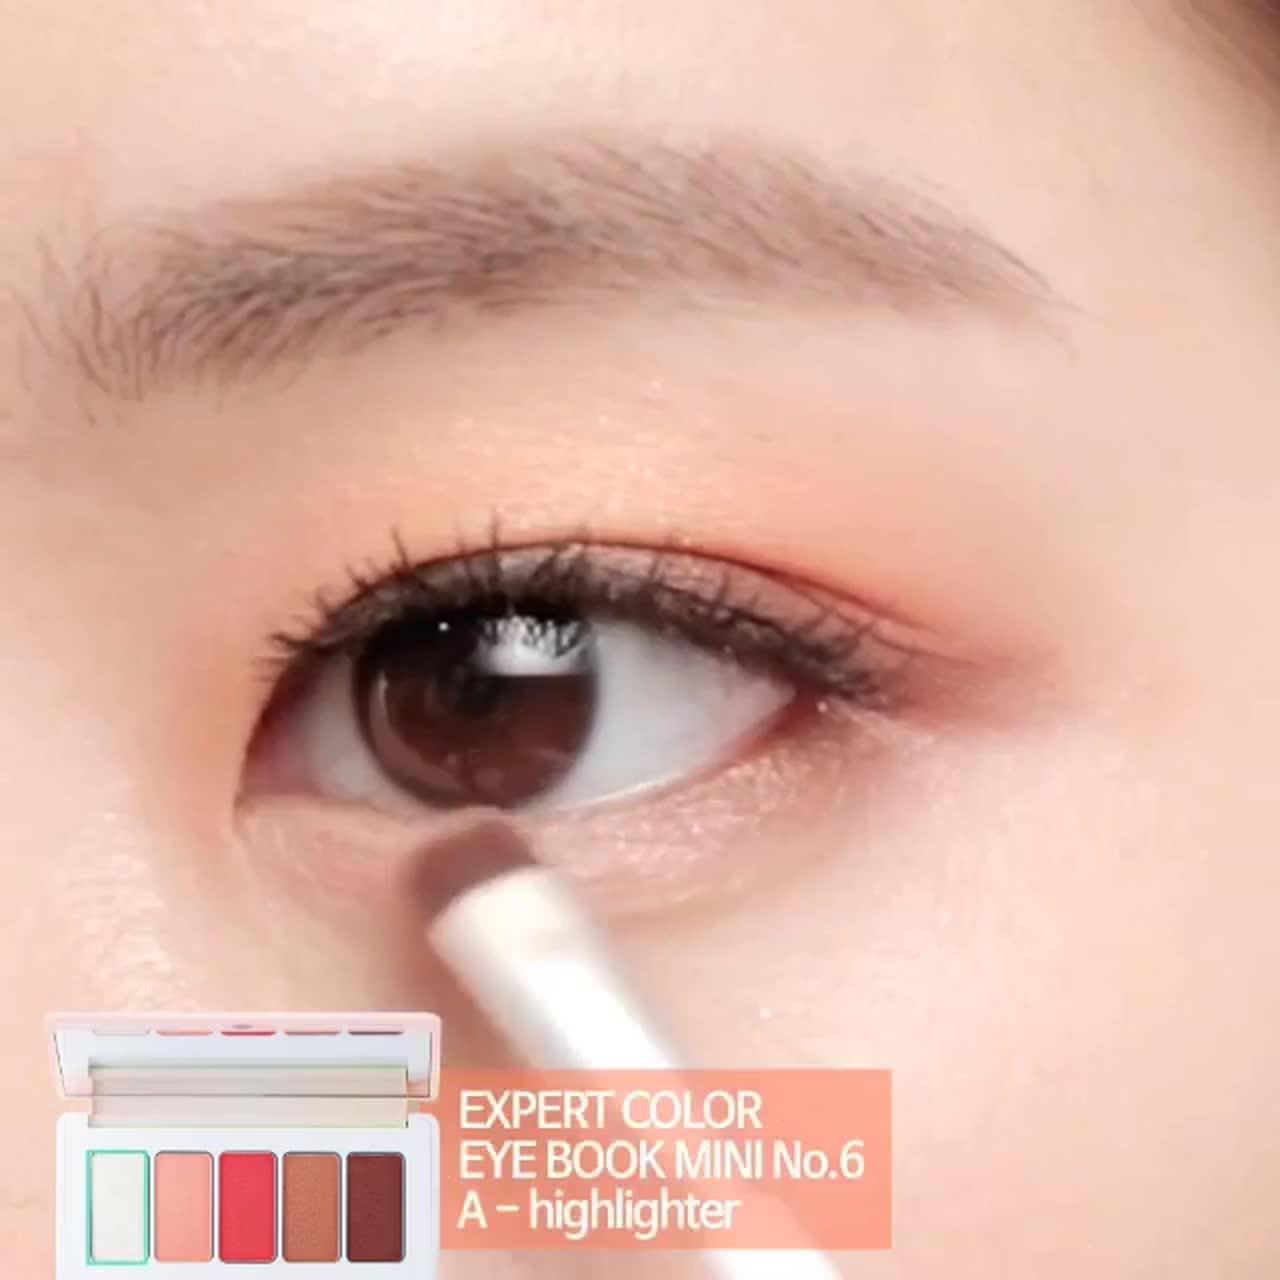 首先可以使用左二的蜜桃色畫在整個眼窩。再用右二的淺咖啡色畫在雙眼皮摺內,用中間粉桃色畫在眼尾,加強眼神。眼線的部分只用最右邊的深咖啡色,用且在下眼影的地方也使用深咖啡色。最後用左邊的珍珠白畫出臥蠶就OK囉!